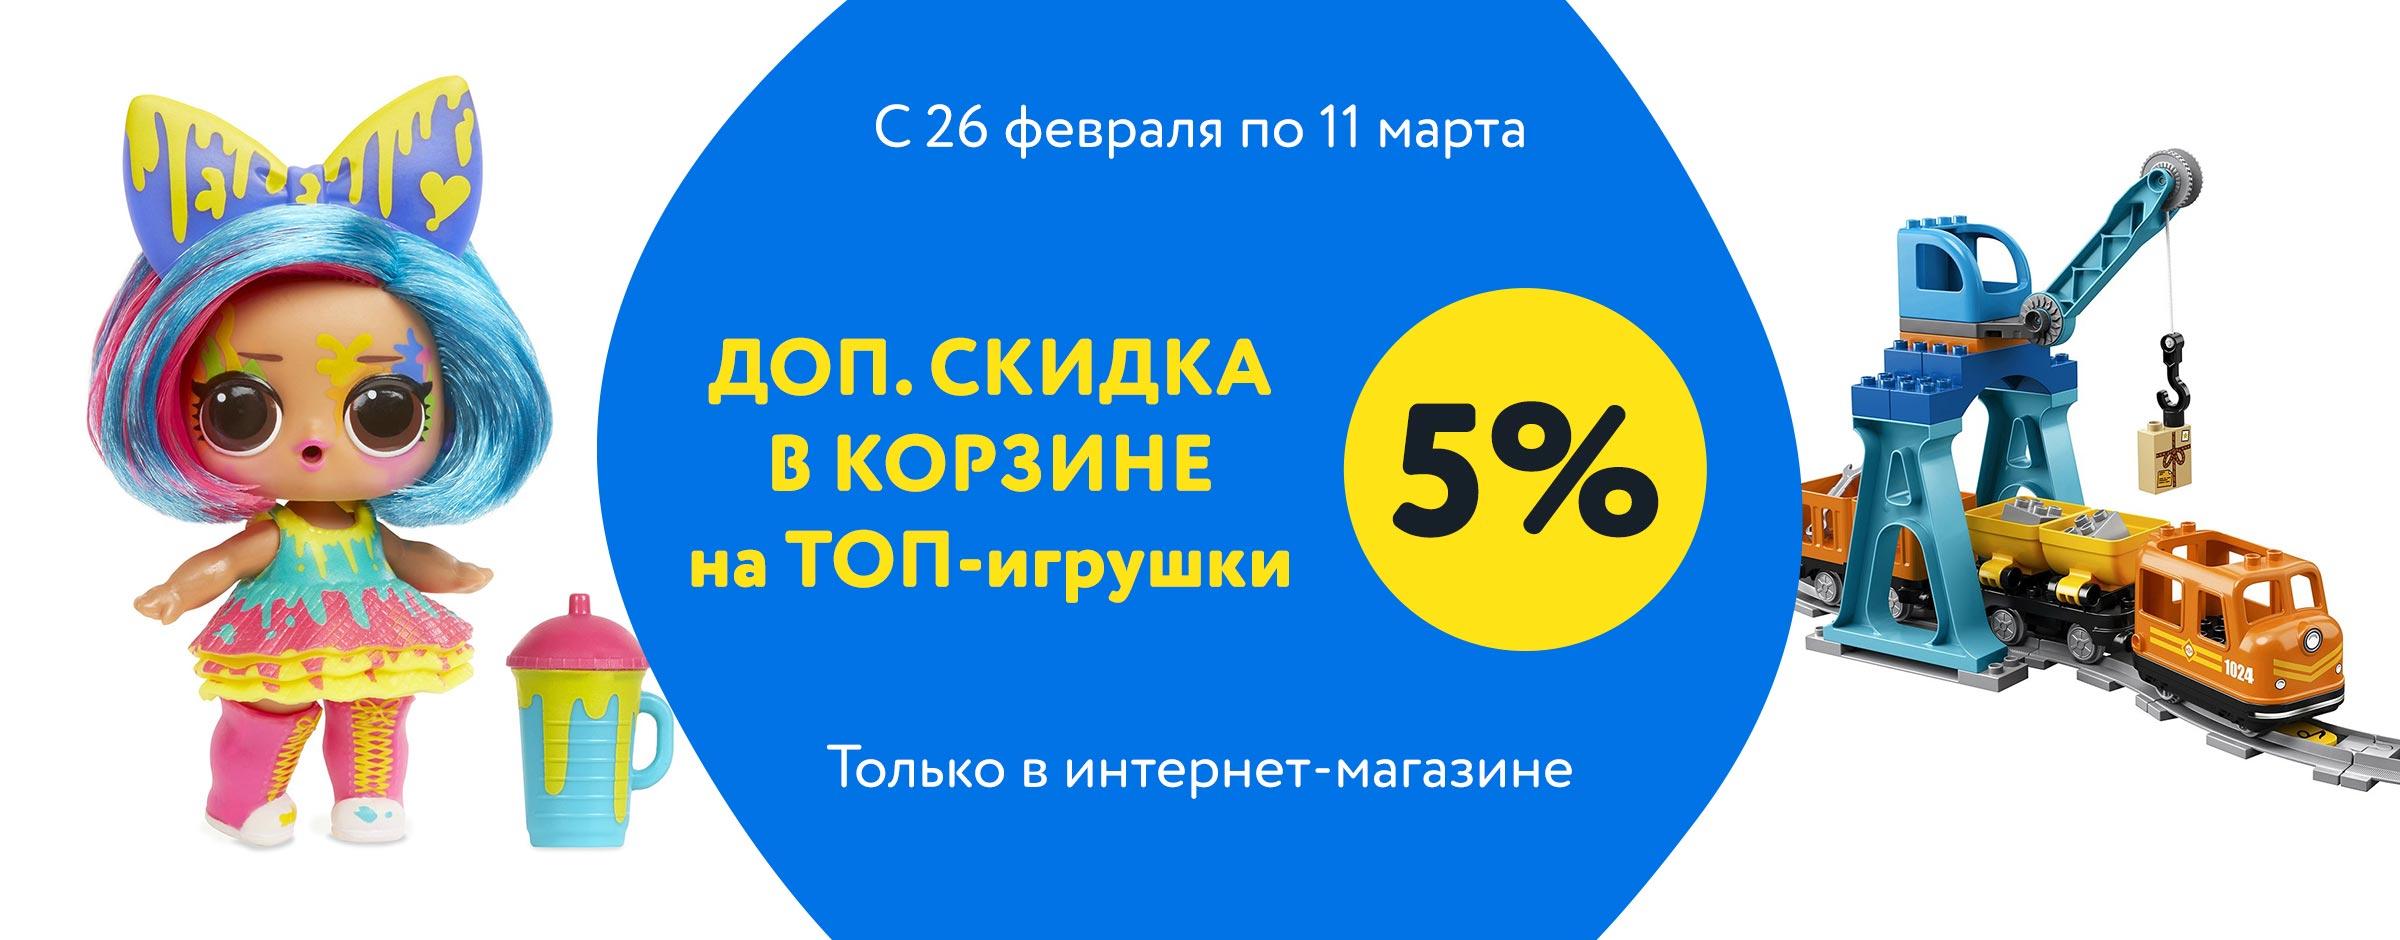 5% на топ-игрушки в корзине